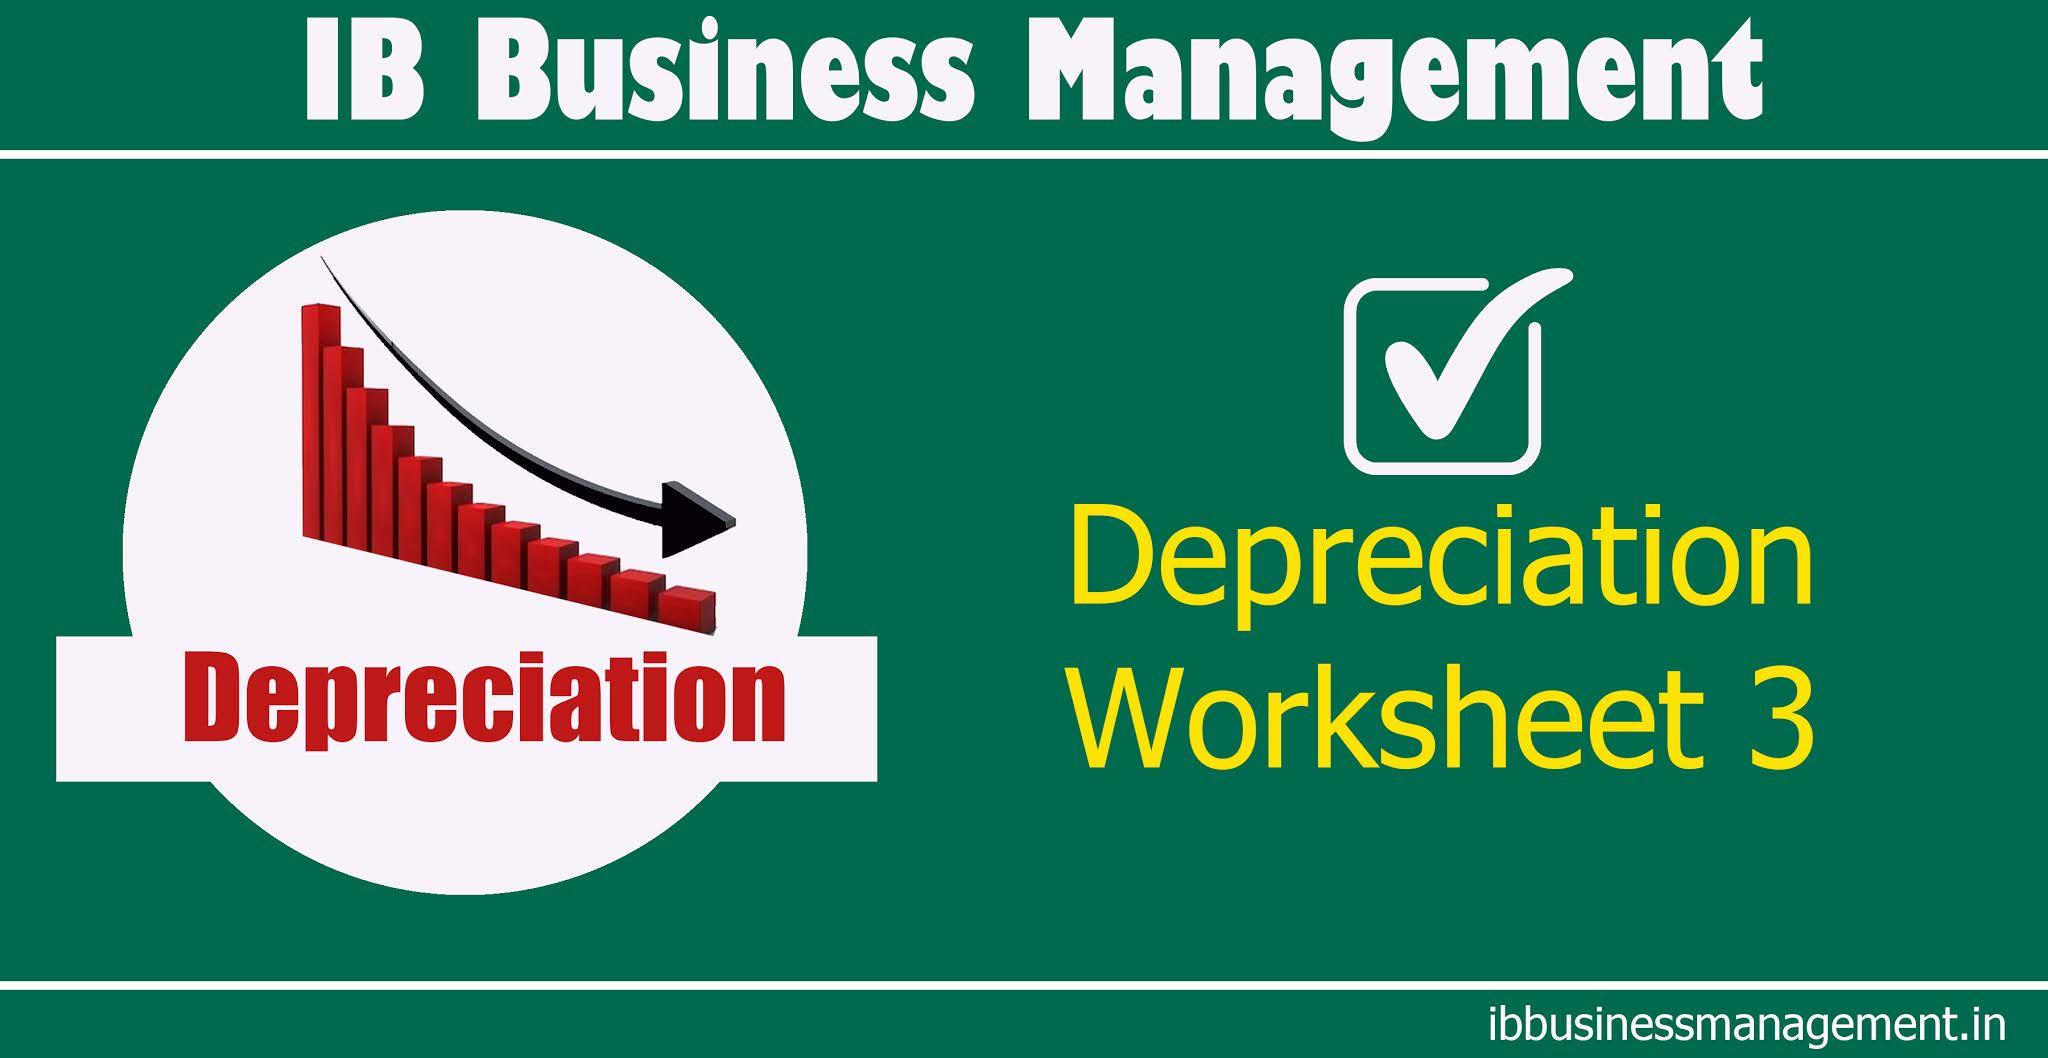 Business management worksheet